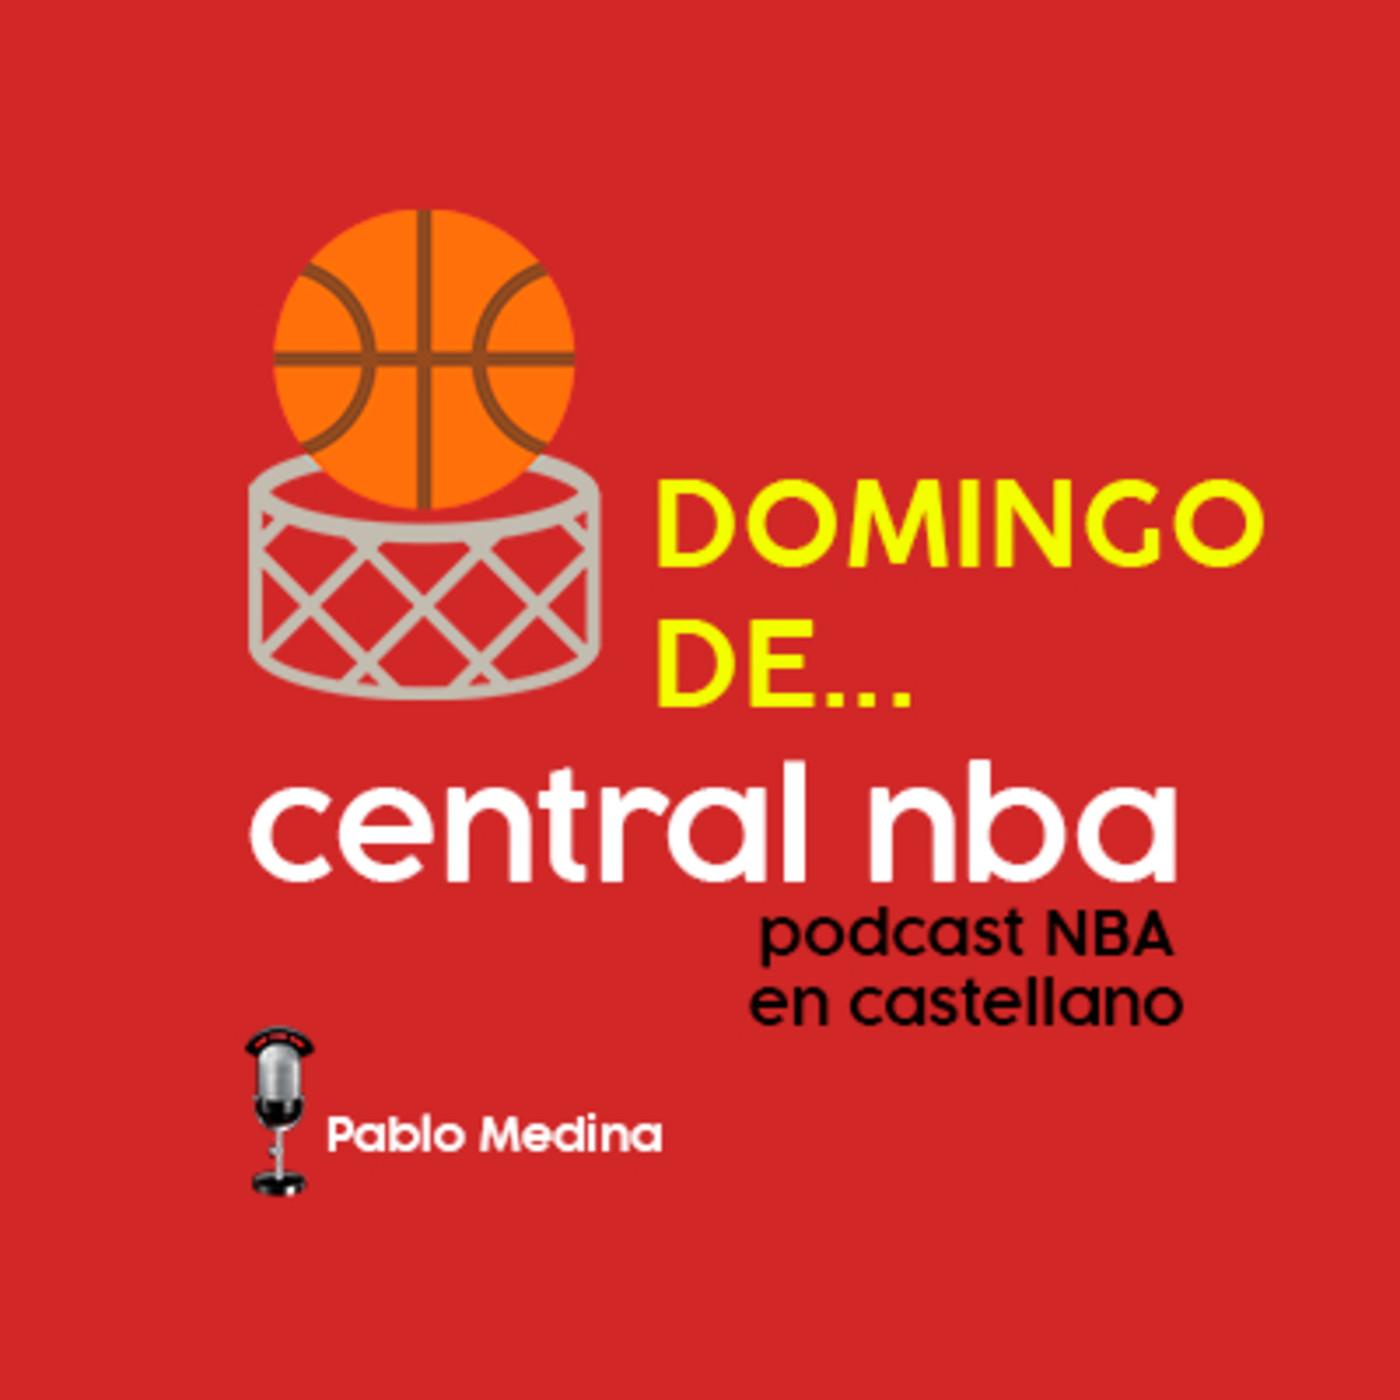 JAMAL MURRAY, NUGGETS, FRACASO DE CLIPPERS, MVP de ANTETOKOUNMPO Y MUCHO MÁS - DOMINGO DE CENTRAL NBA #2 (20/09/2020)